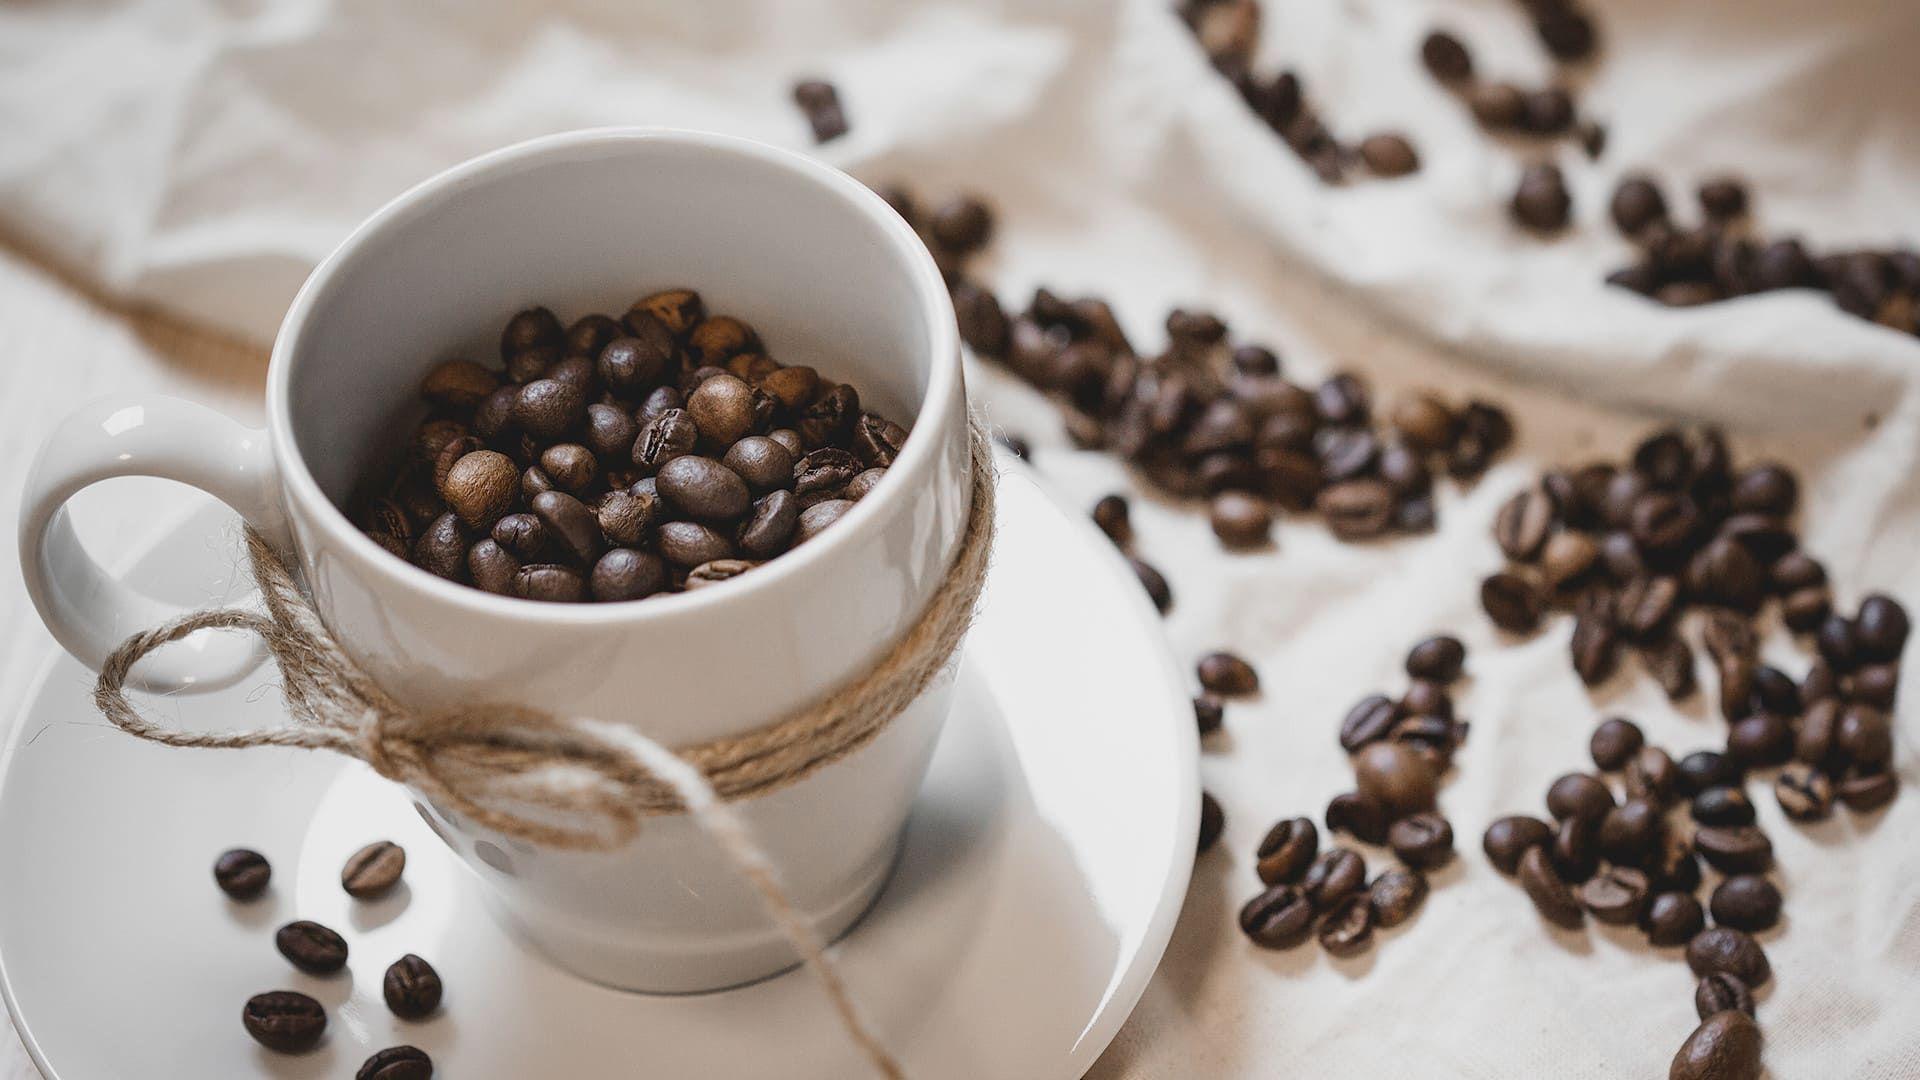 menuimg1 Free coffee, Brunch burger, Coffee varieties